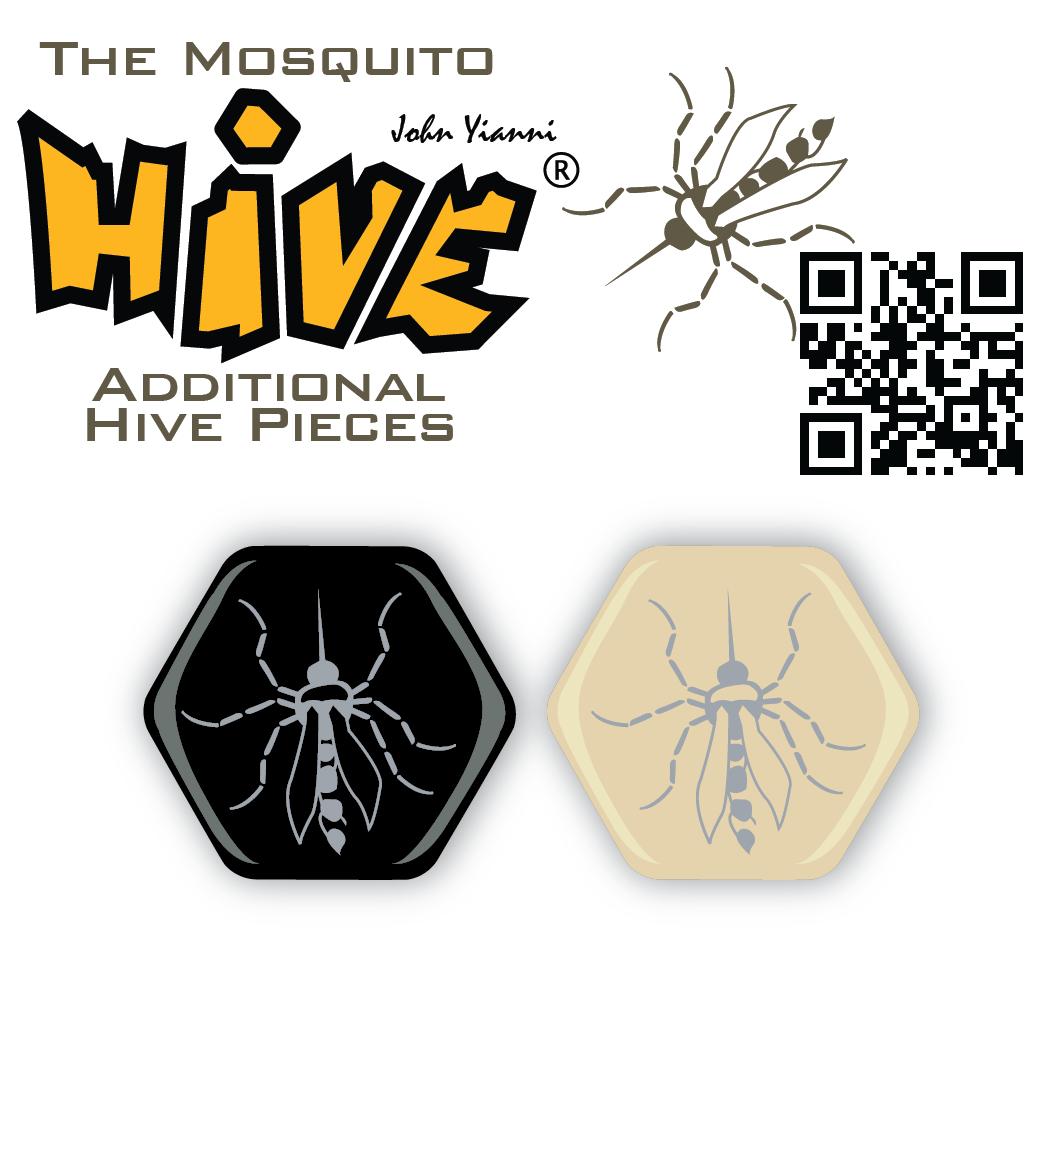 Hive - Mosquito - Zanzara